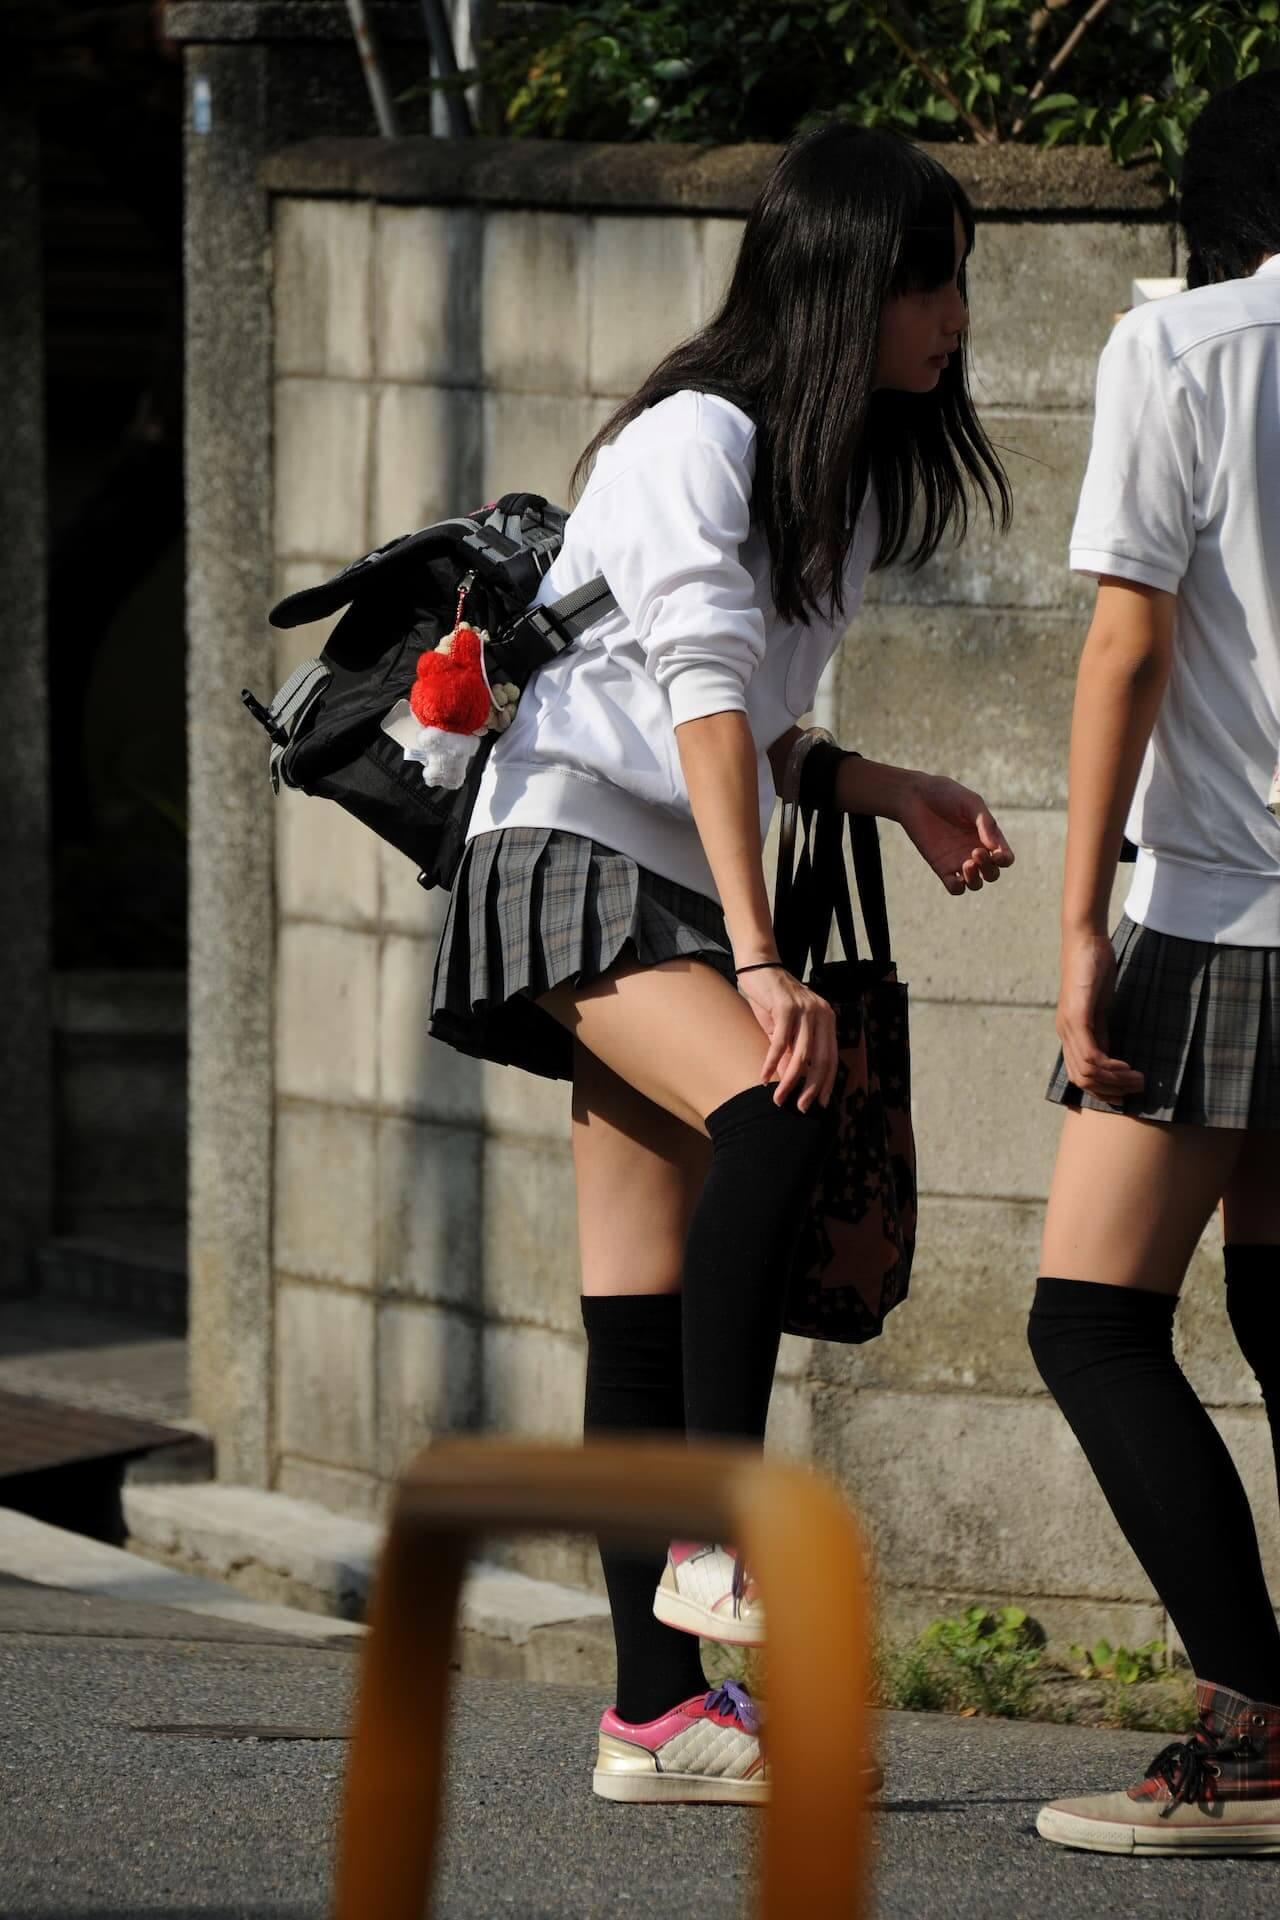 【画像】思わず目で追ってしまう女子高生街撮り写真